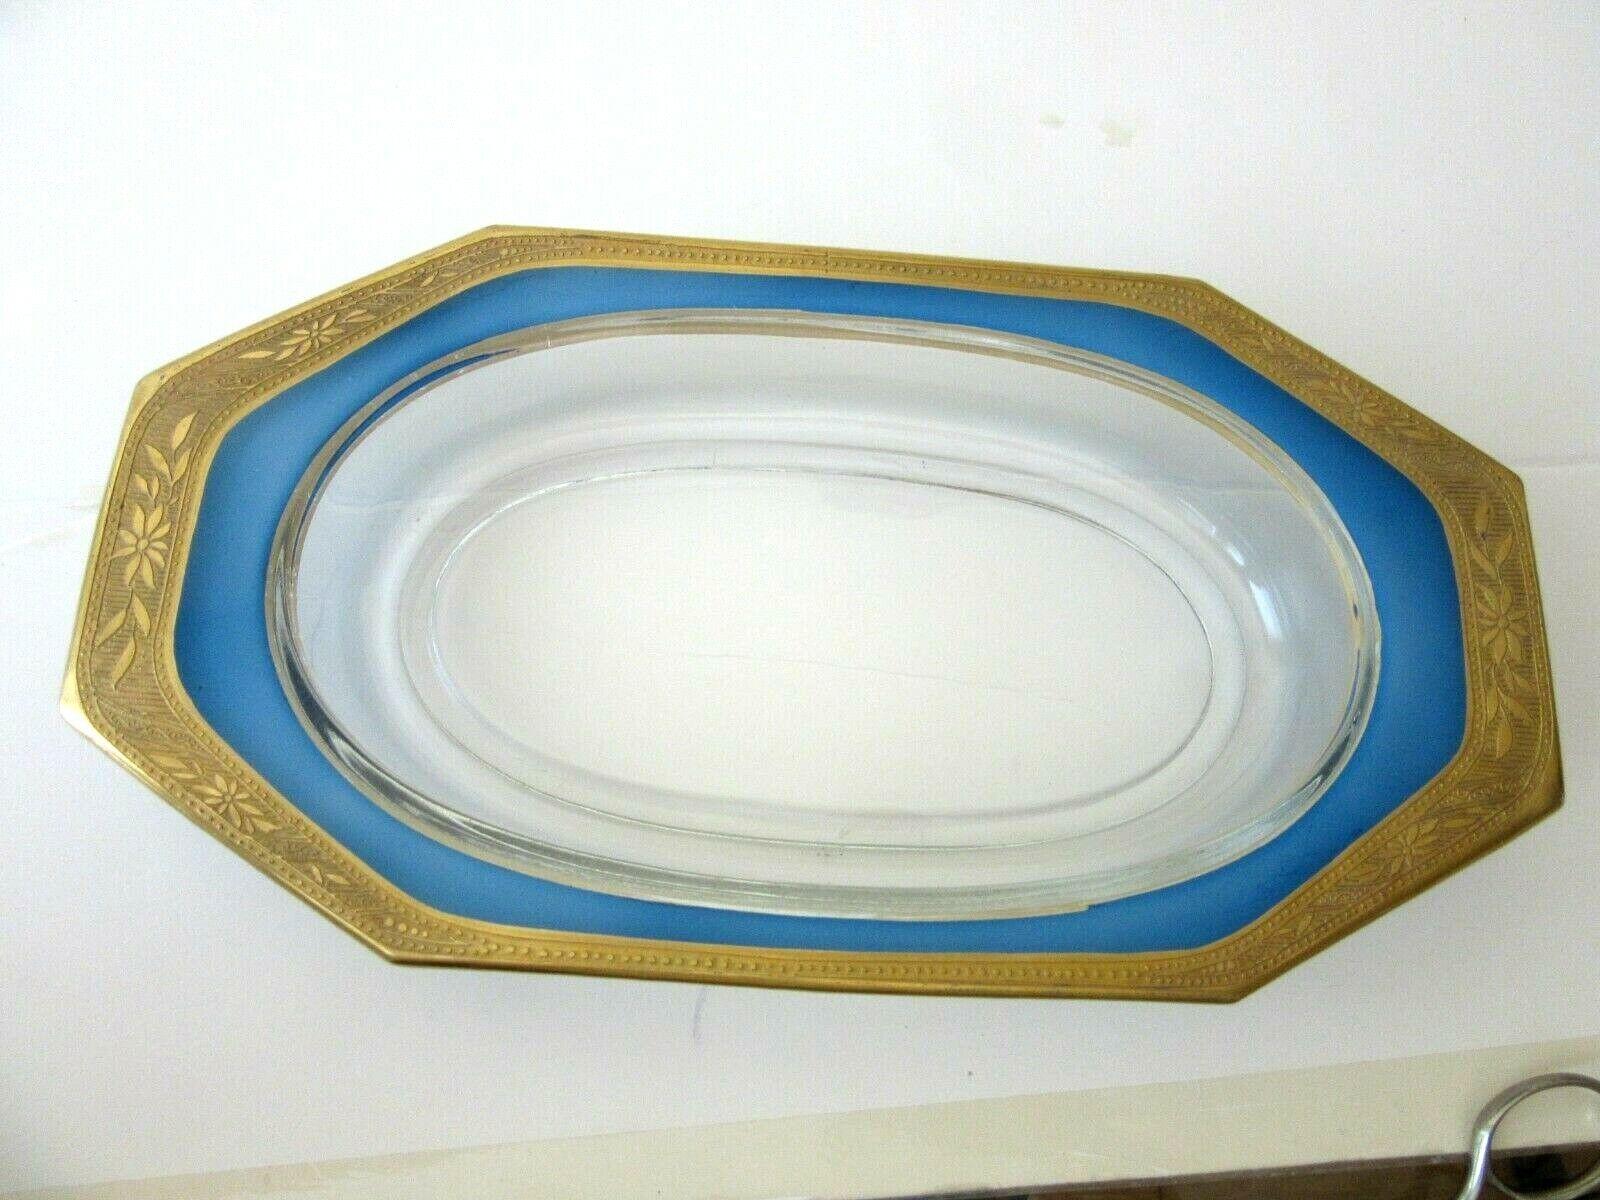 Vintage Large Glass Dresser Tray, Gold & Blue Rim